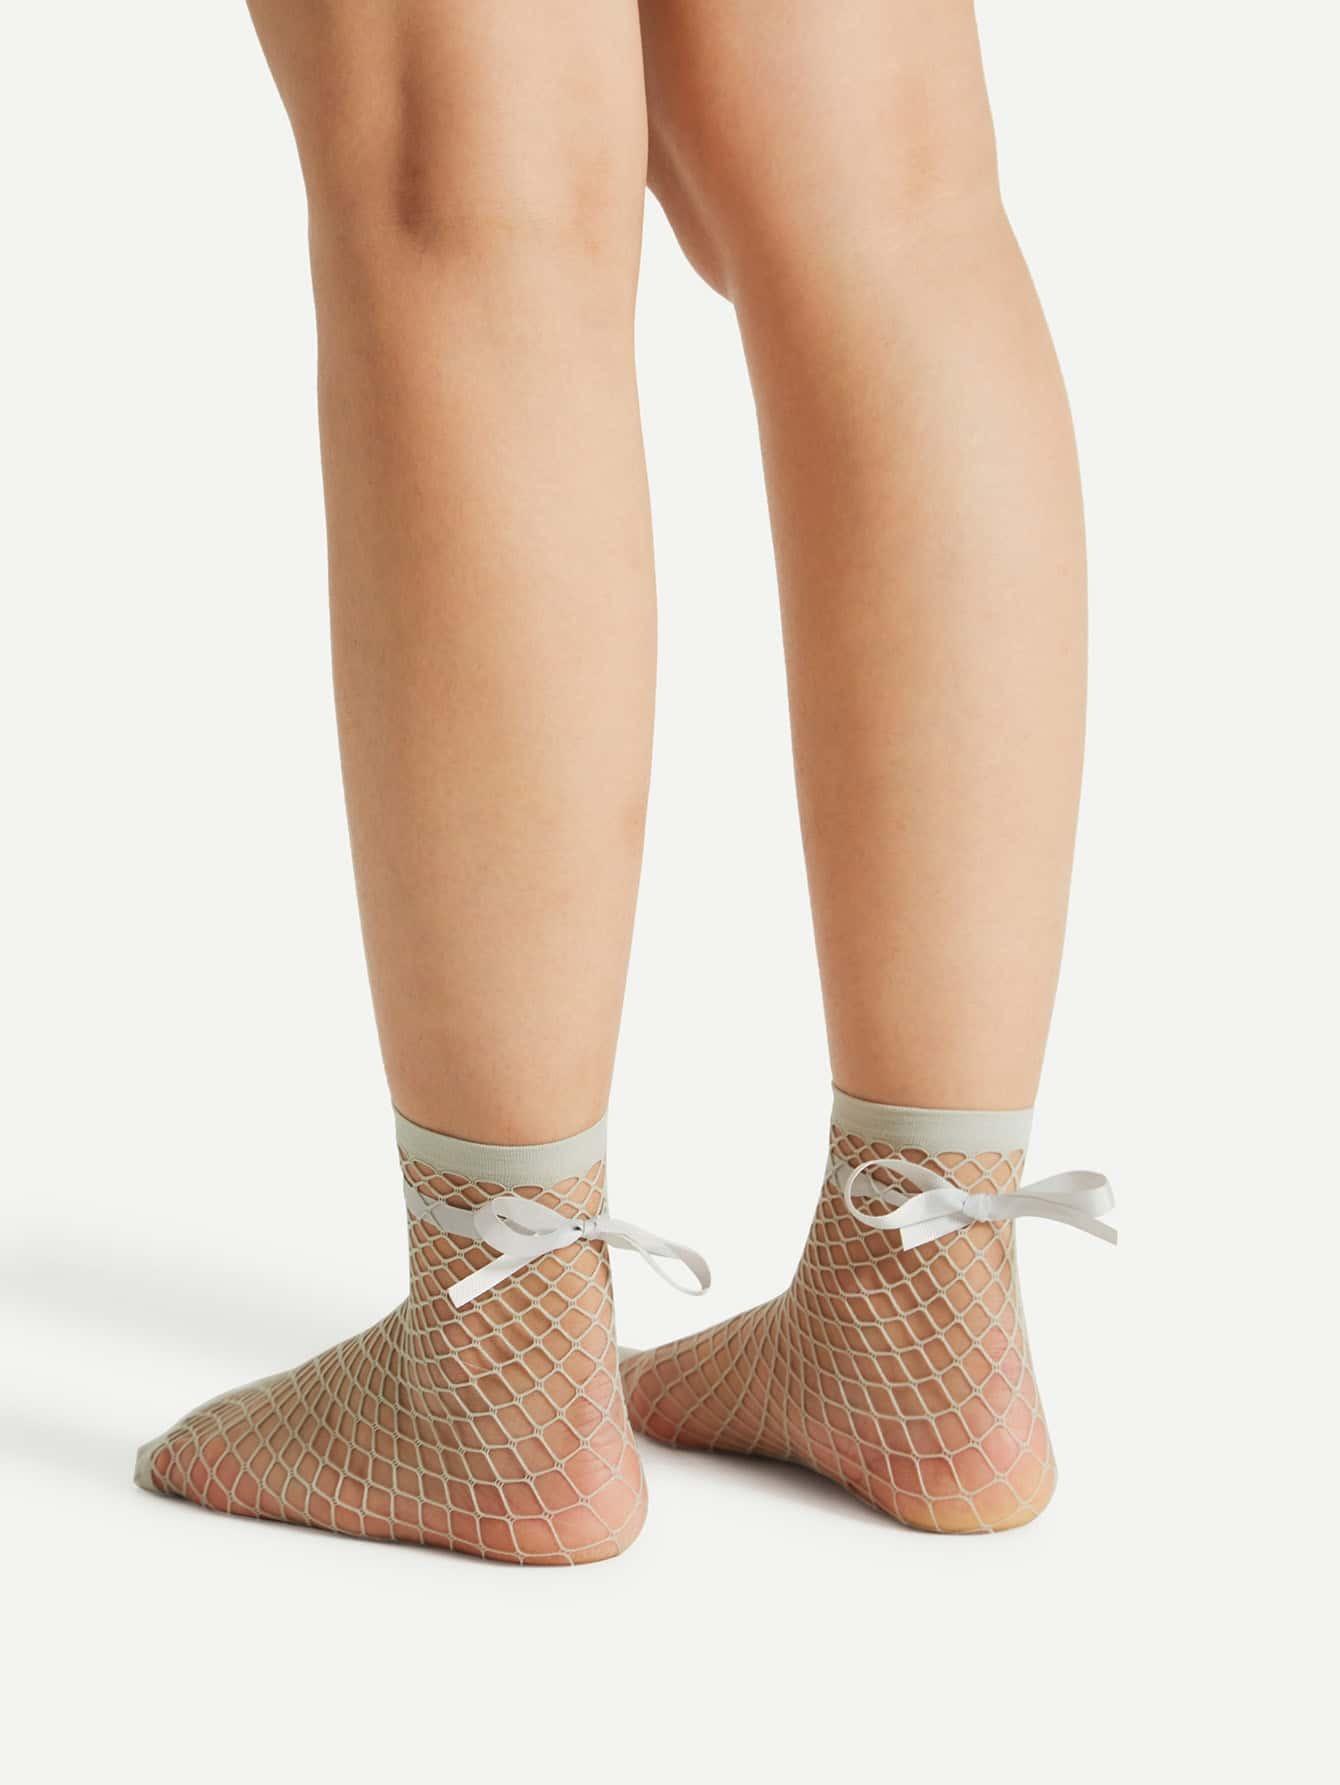 Bow Tie Fishnet Ankle Socks fishnet ankle socks